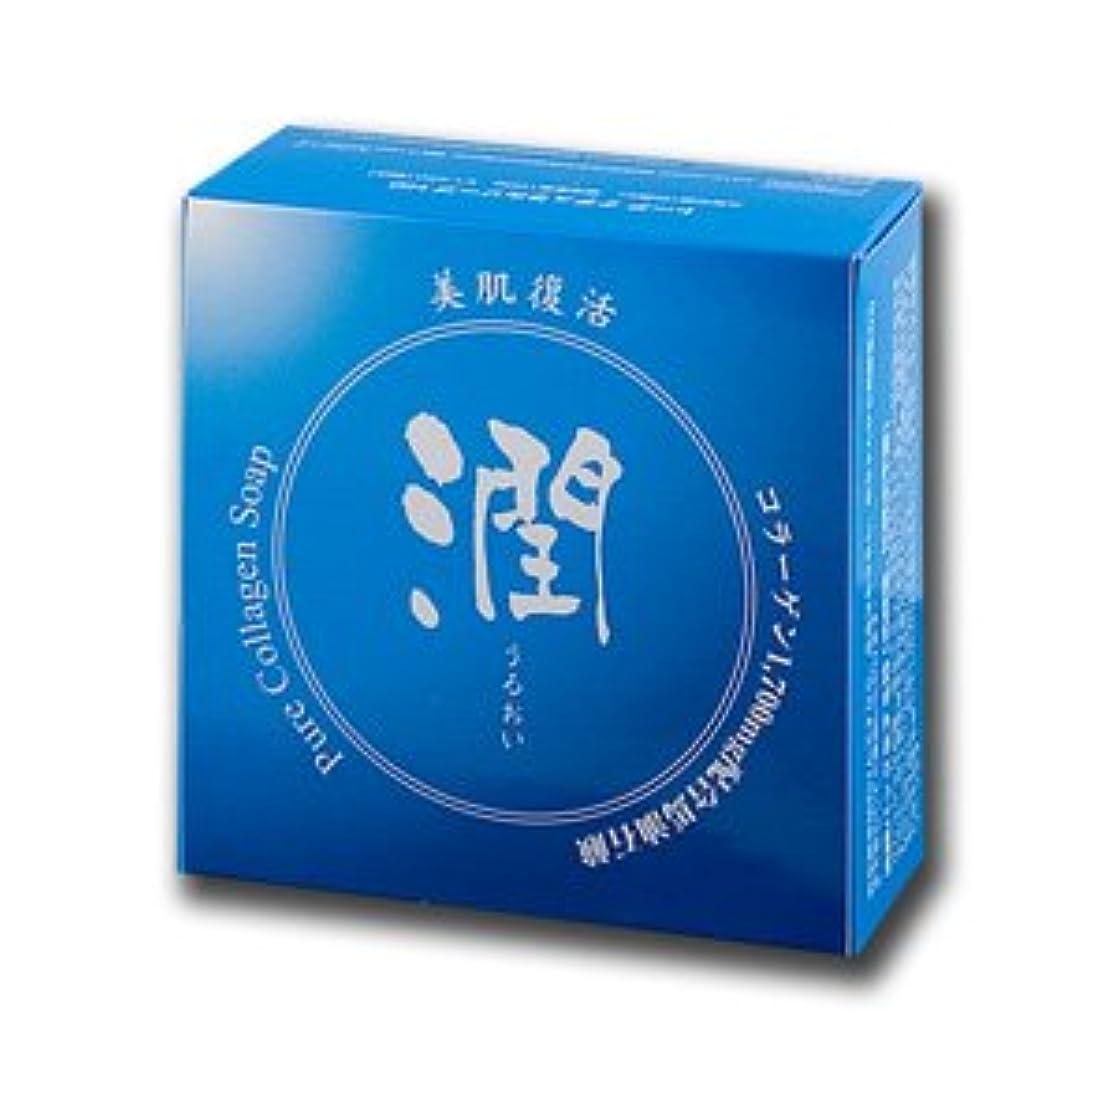 シエスタ凶暴なねばねばコラーゲン馬油石鹸 潤 100g (#800410) ×10個セット